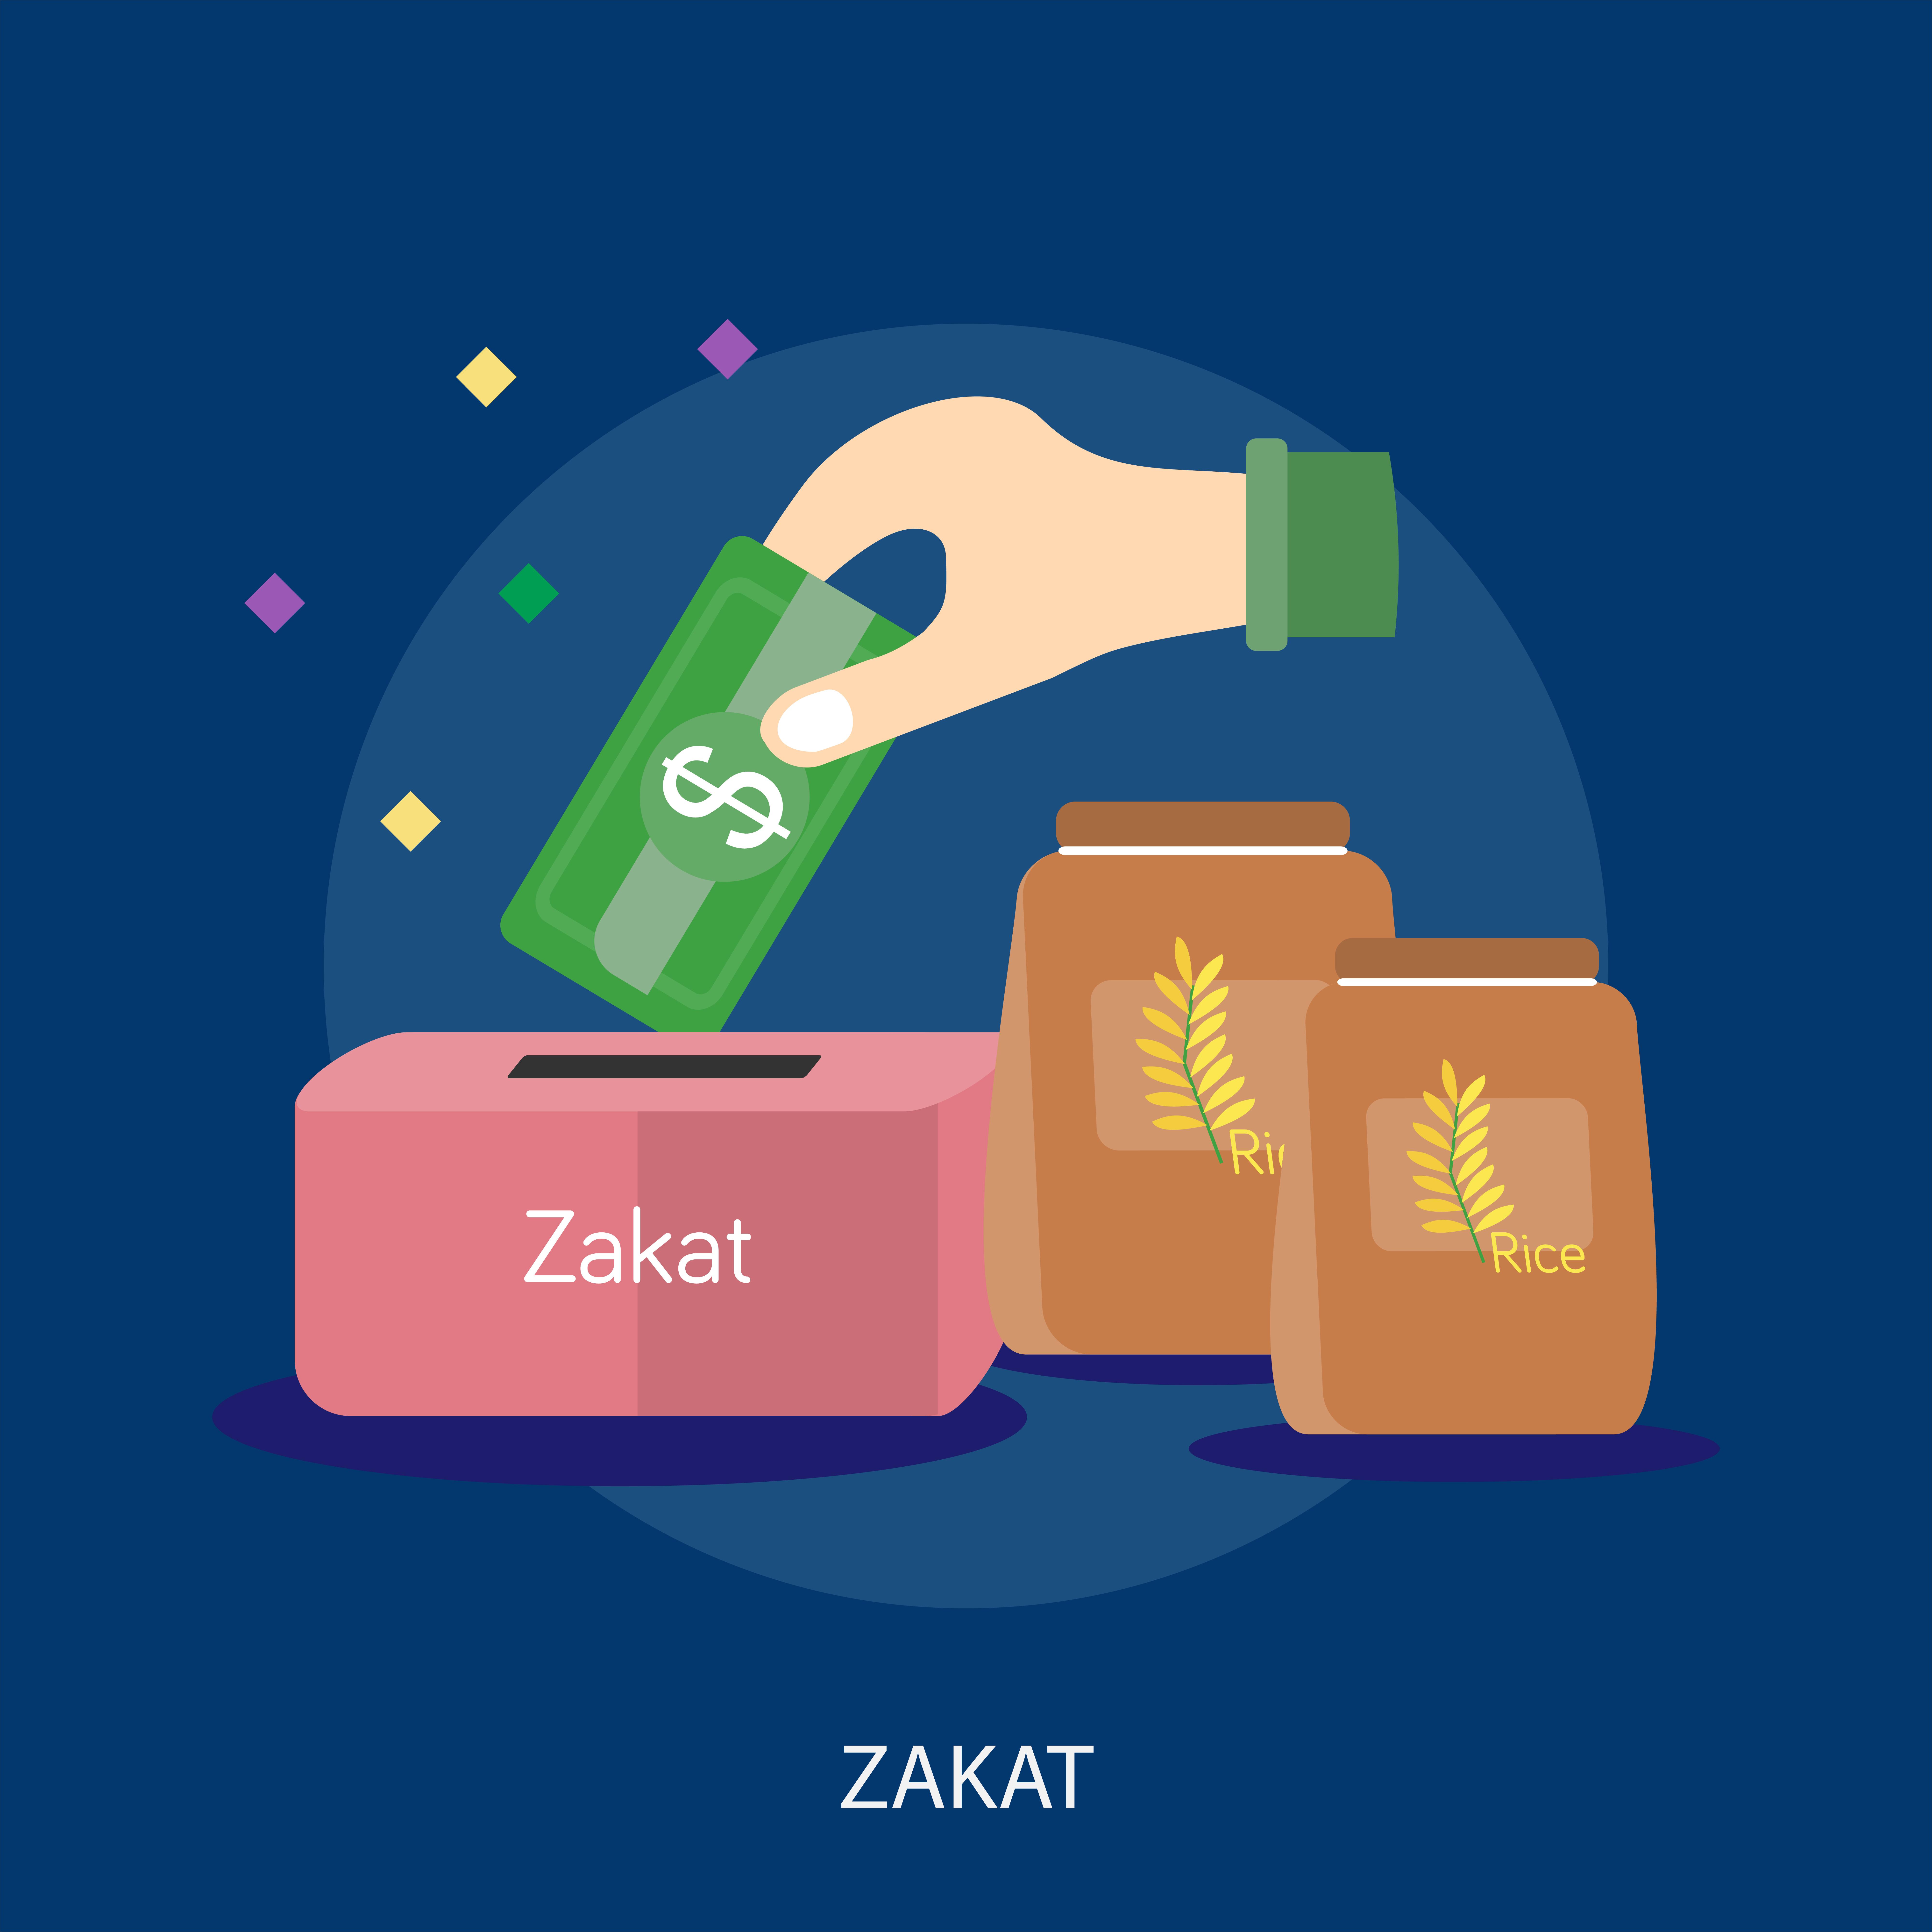 zakat conceptual design conceptual illustration design download free vectors clipart graphics vector art vecteezy